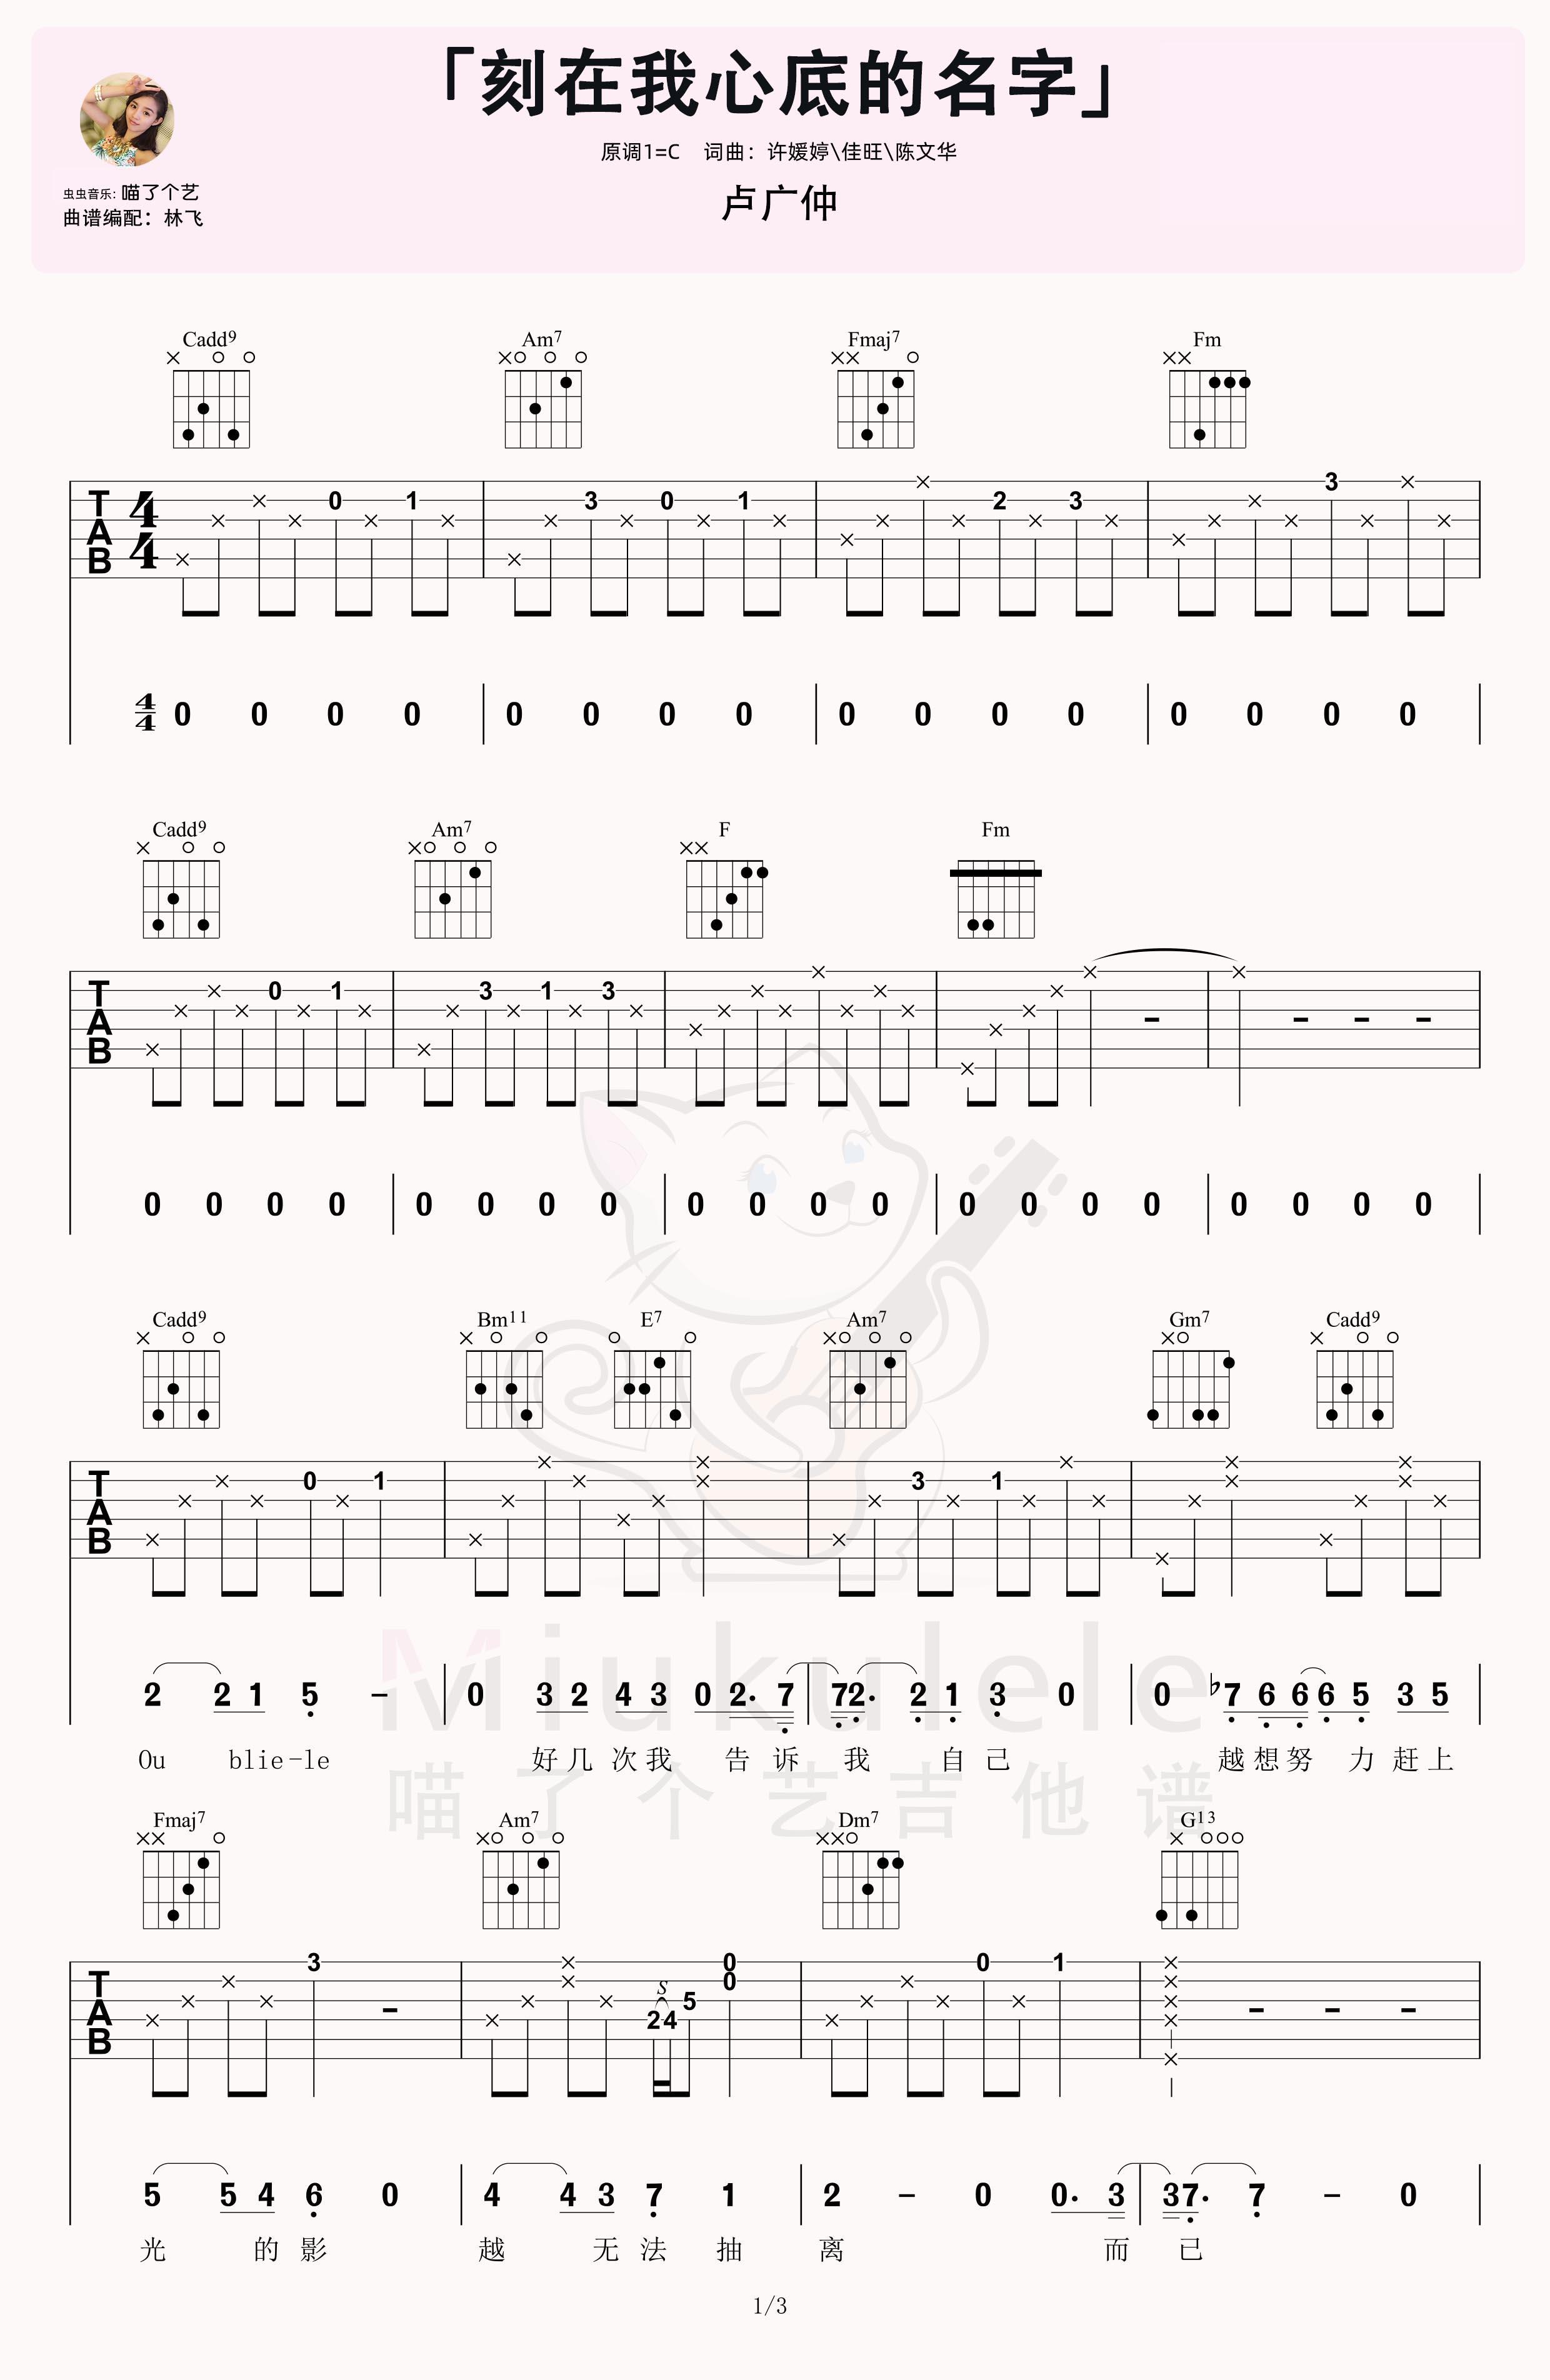 卢广仲《刻在我心底的名字》原版吉他弹唱六线谱